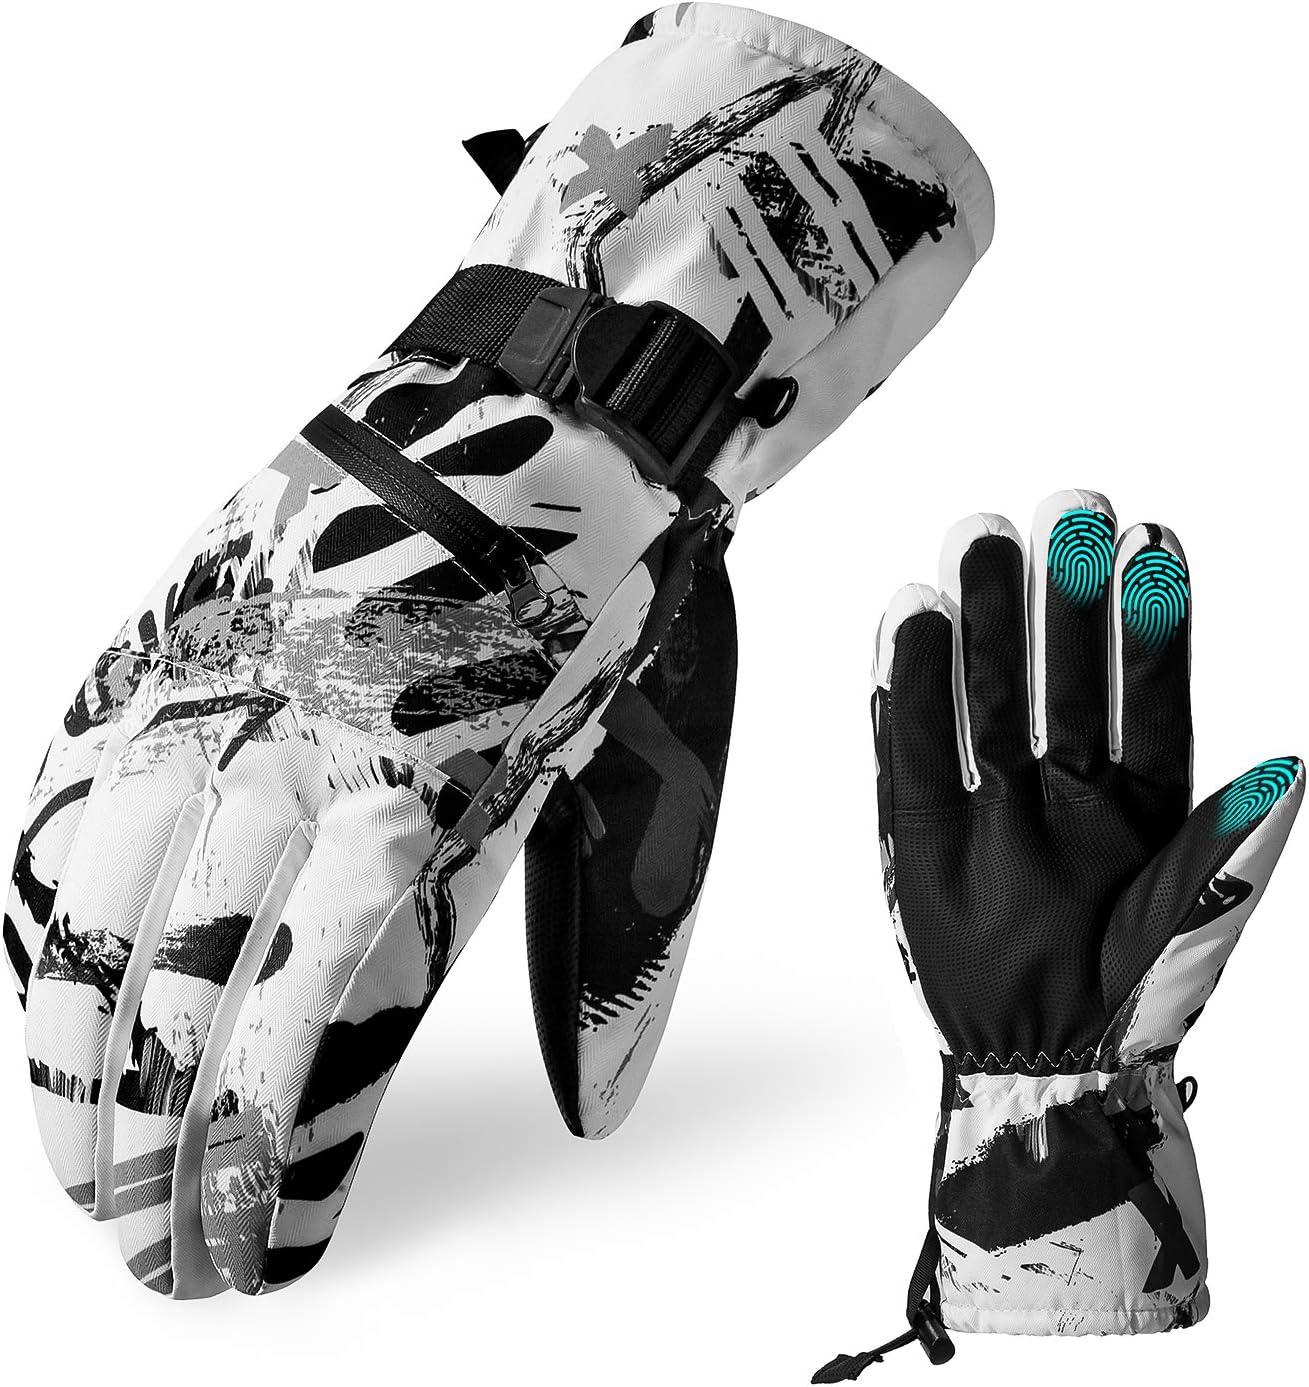 mejores guantes térmicos